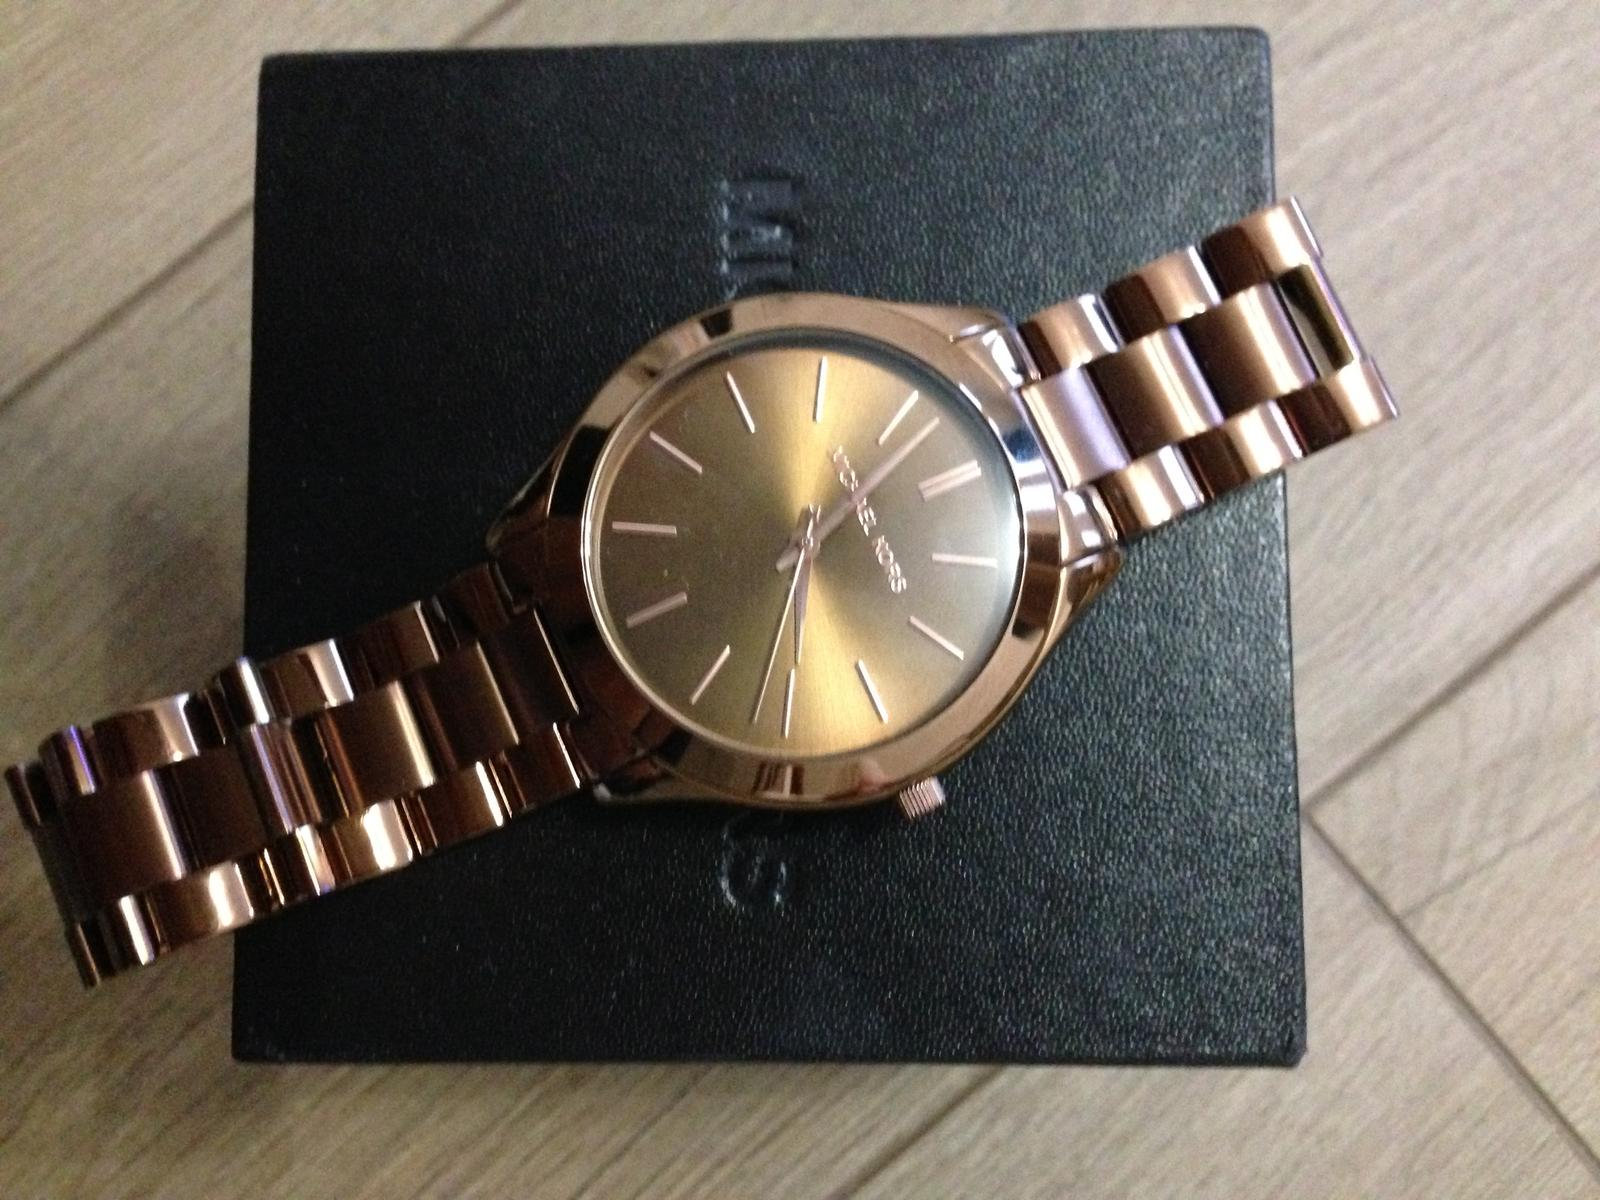 7d277c8ca1 Originál michael kors dámske hodinky